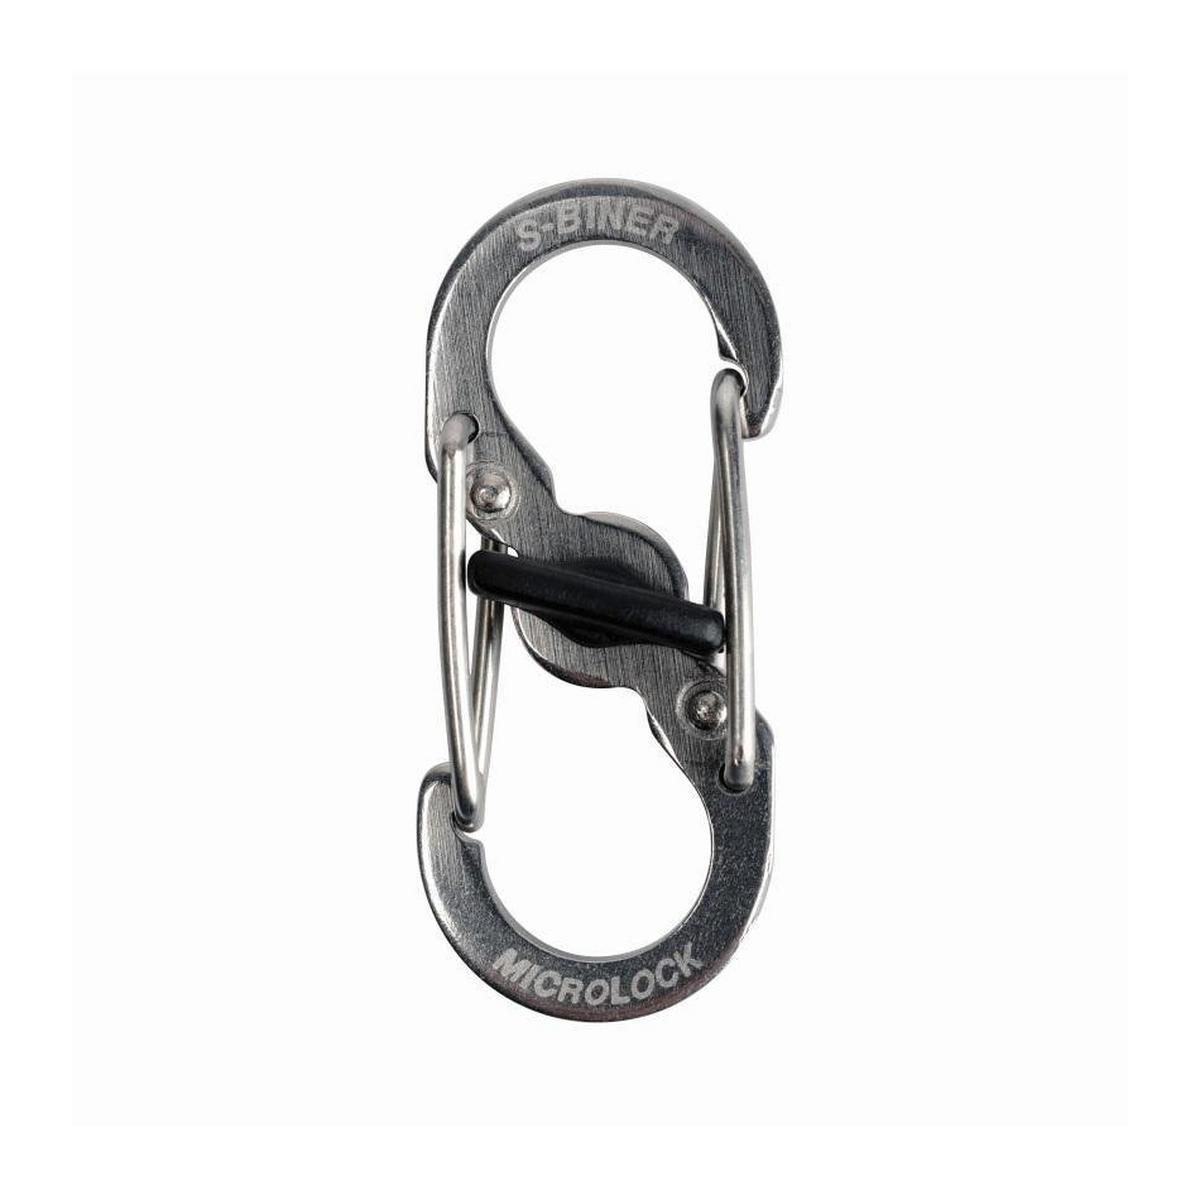 Nite-ize S-Biner Microlock Stainless Steel 2Pack